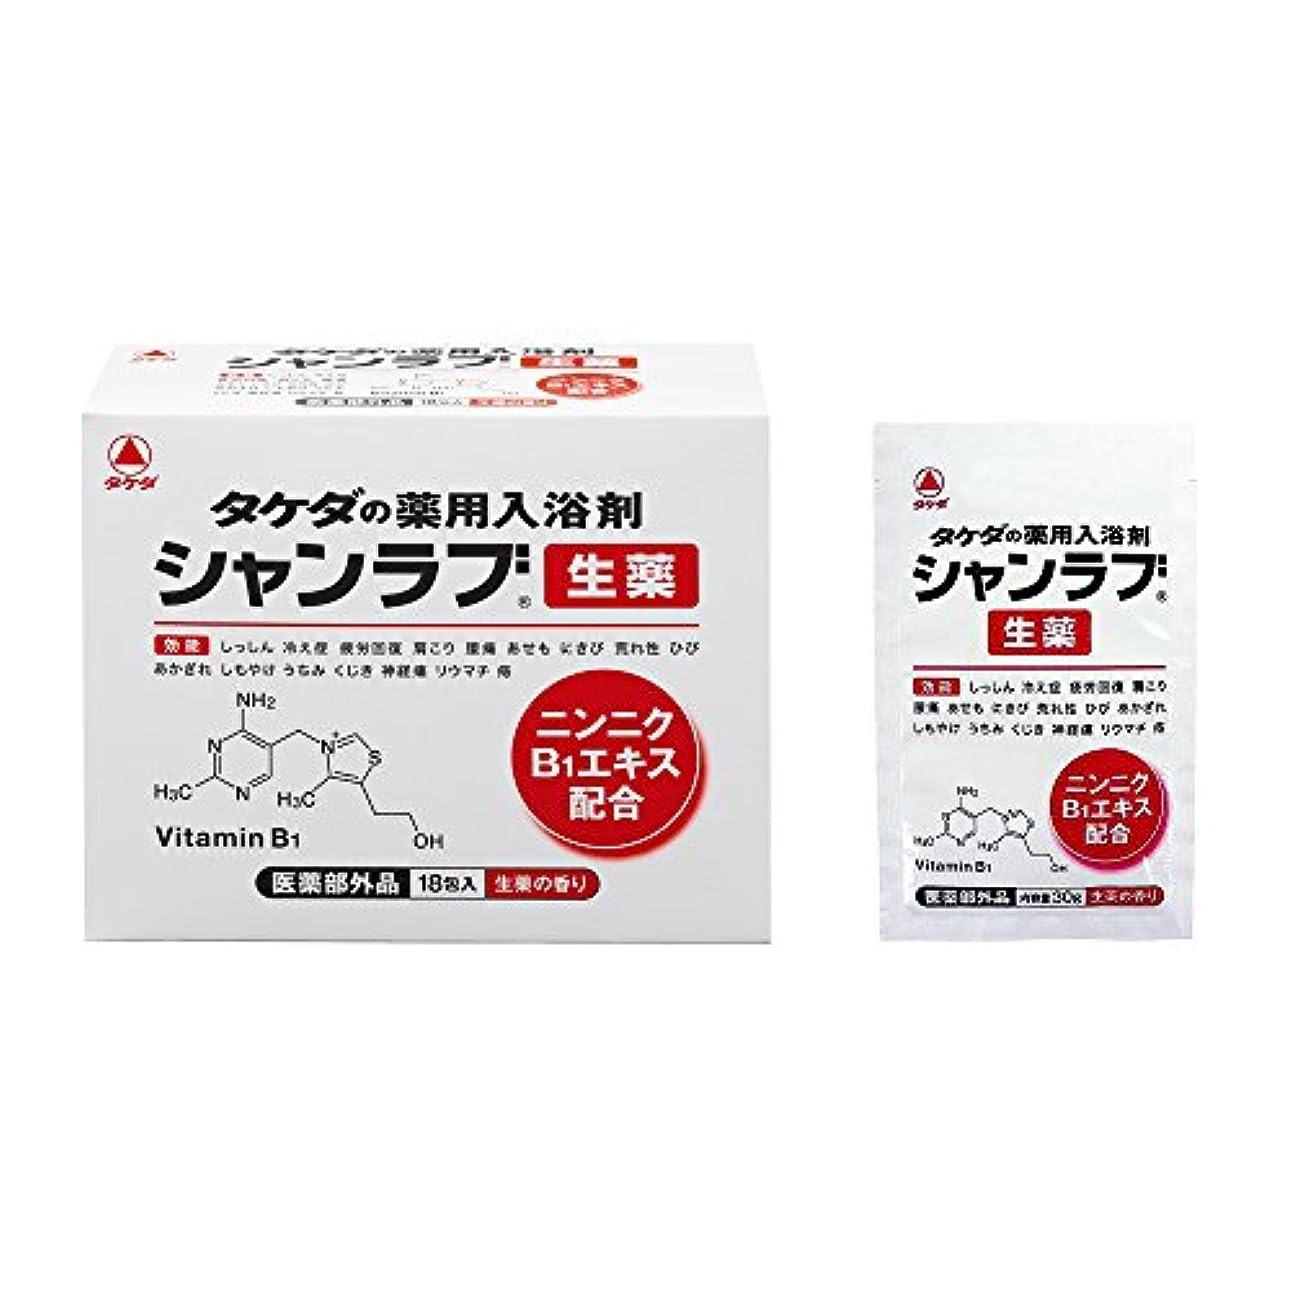 起業家領収書リード薬用入浴剤 シャンラブ 生薬 18包入 【医薬部外品】